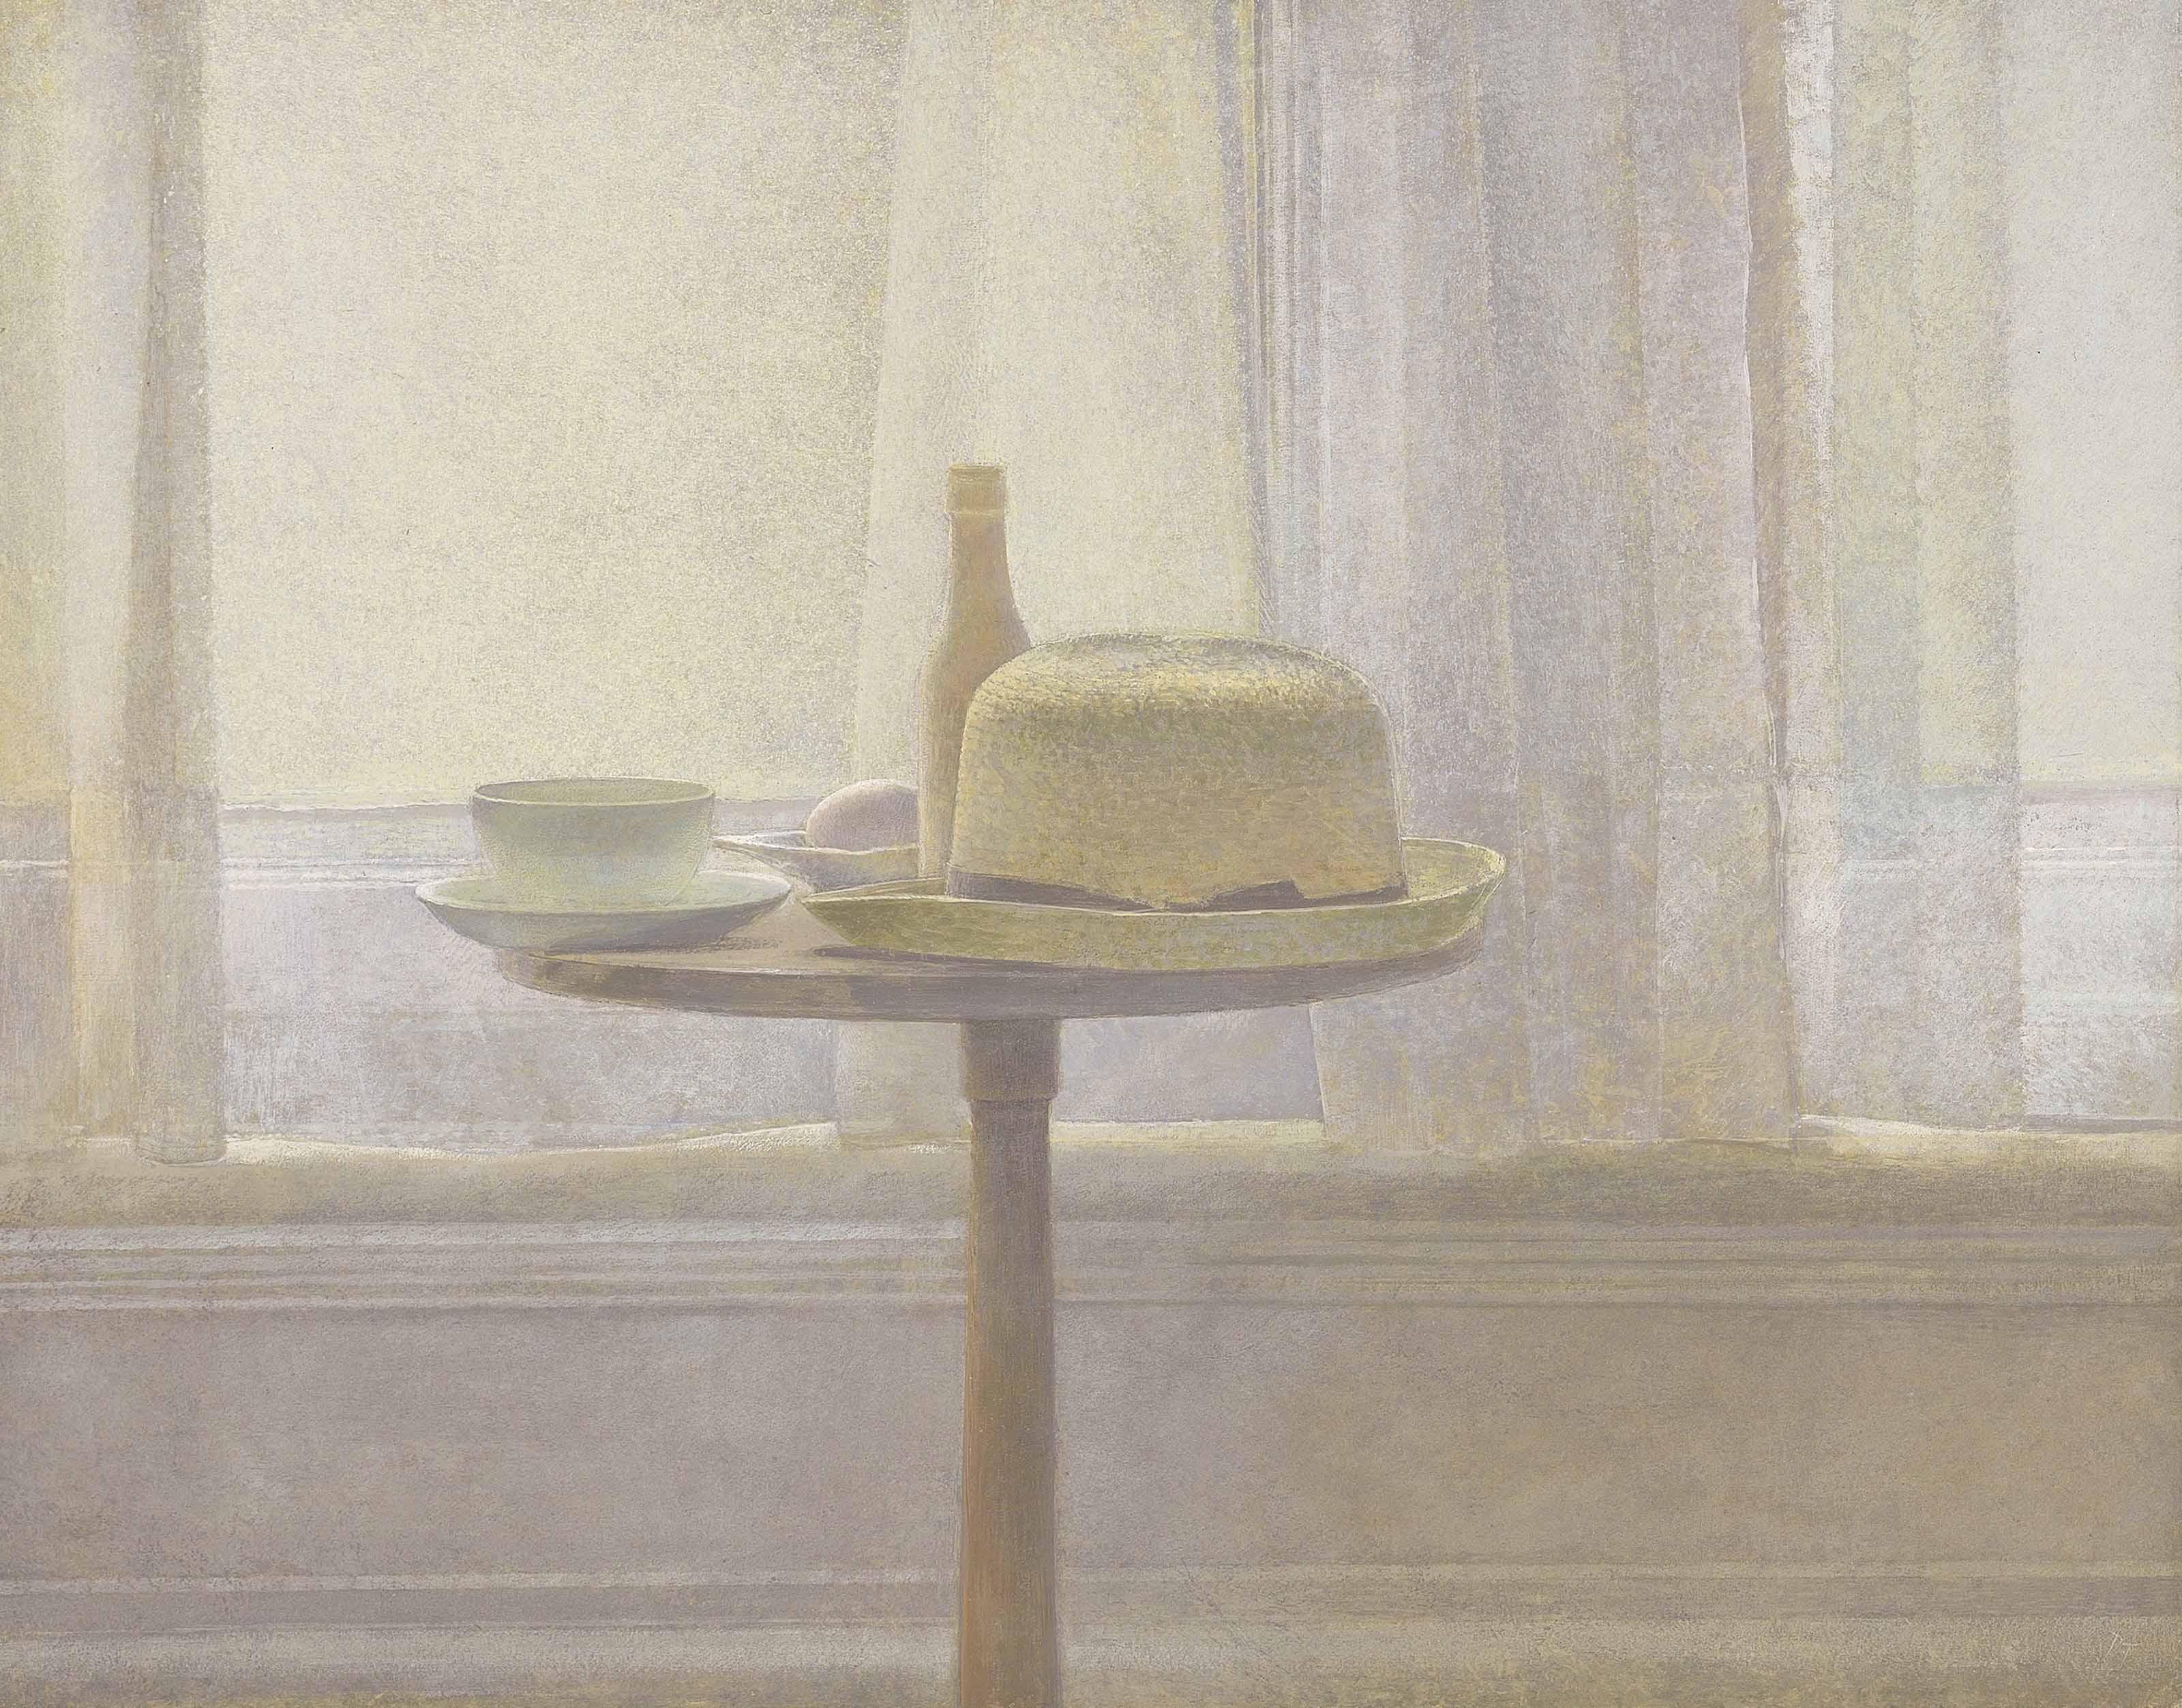 David Tindle, R.A. (b. 1932)